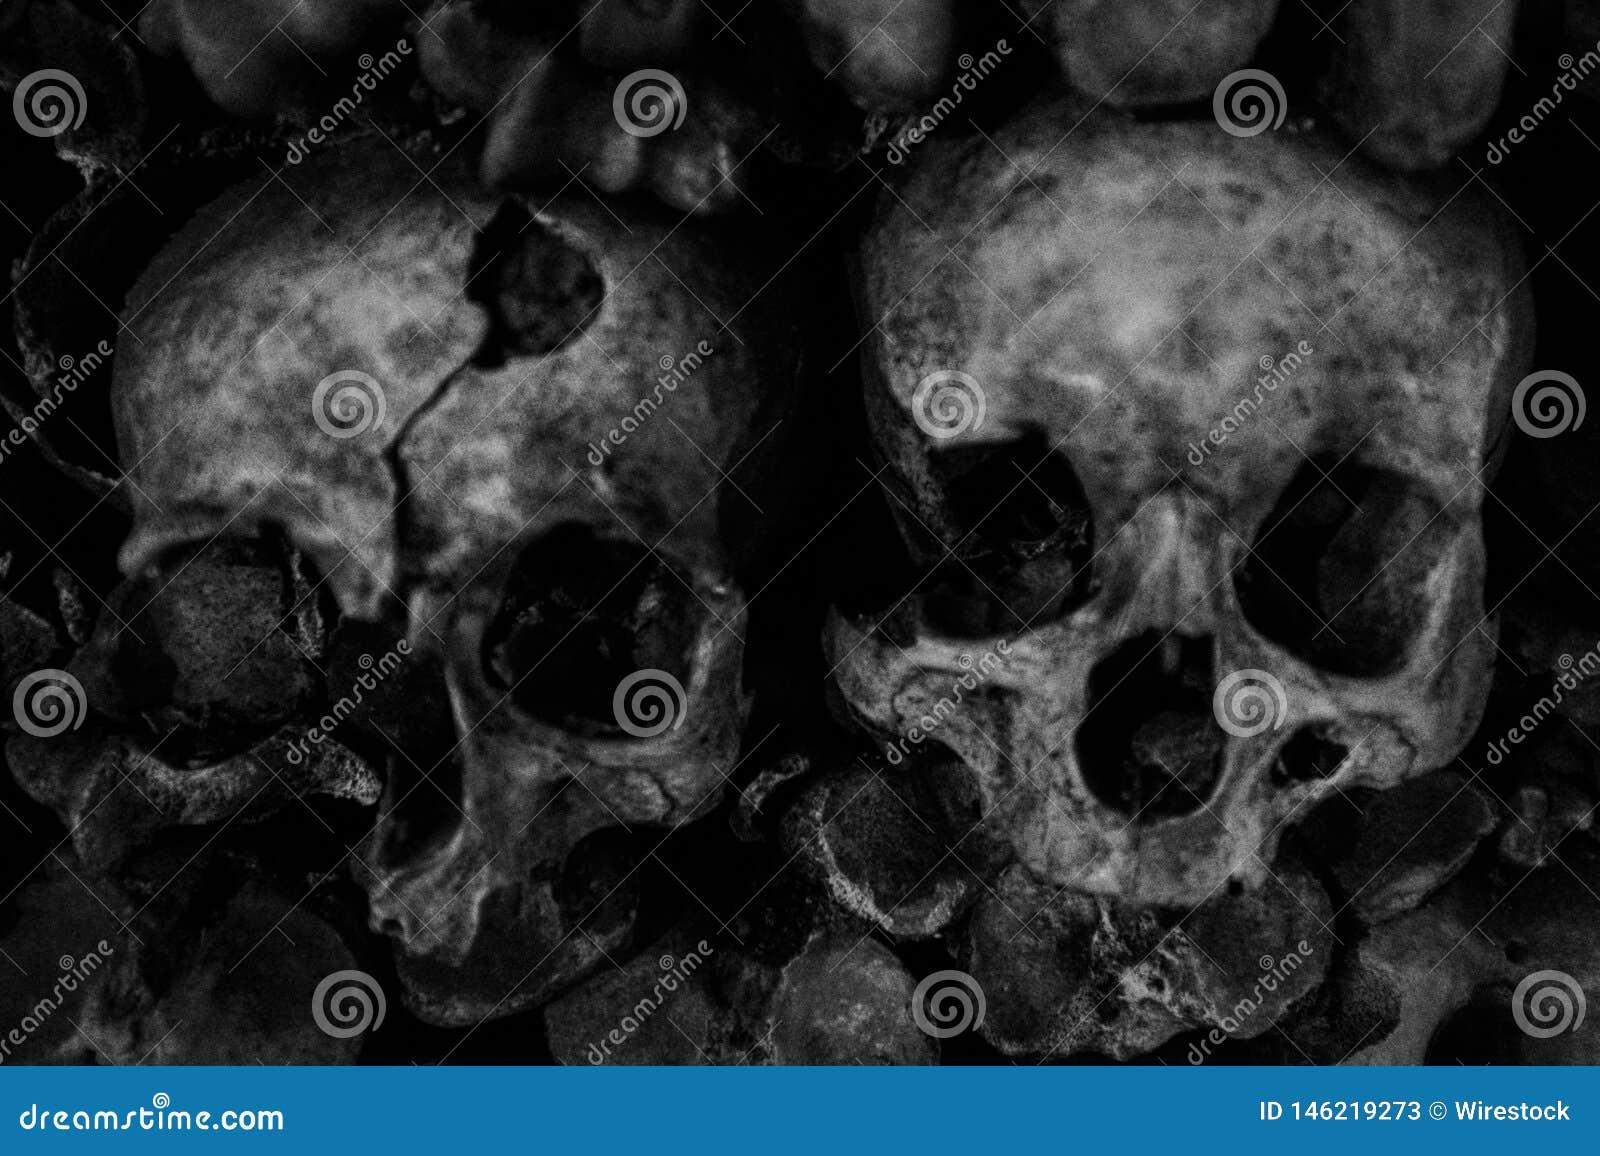 Zbliżenie ludzkie czaszki brogować na each inny